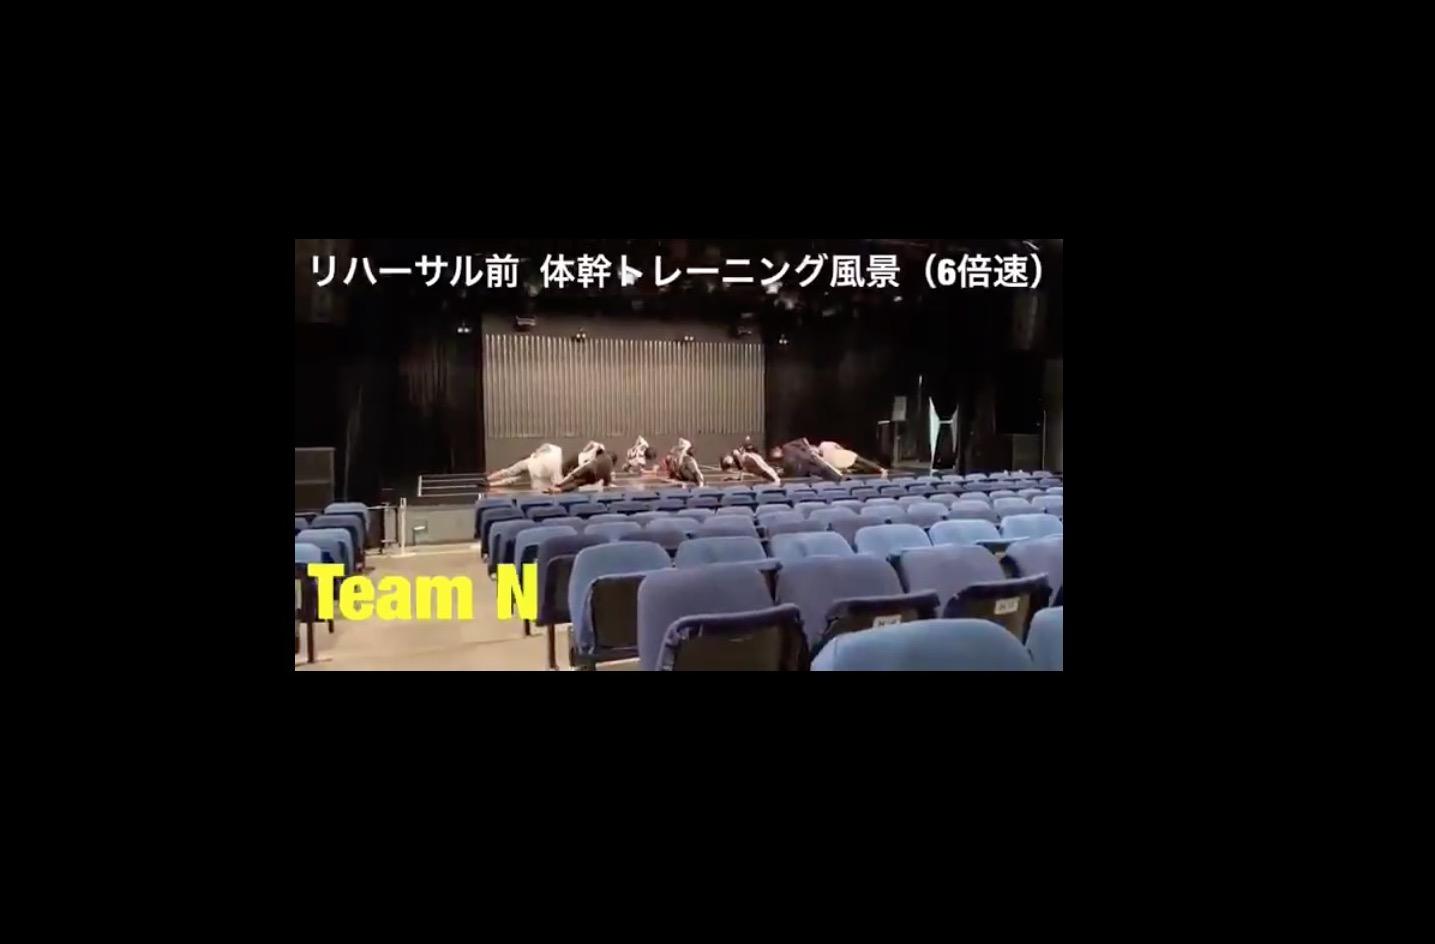 【森田彩花】あやてぃんが投稿したチームN体幹トレーニング動画が面白い。